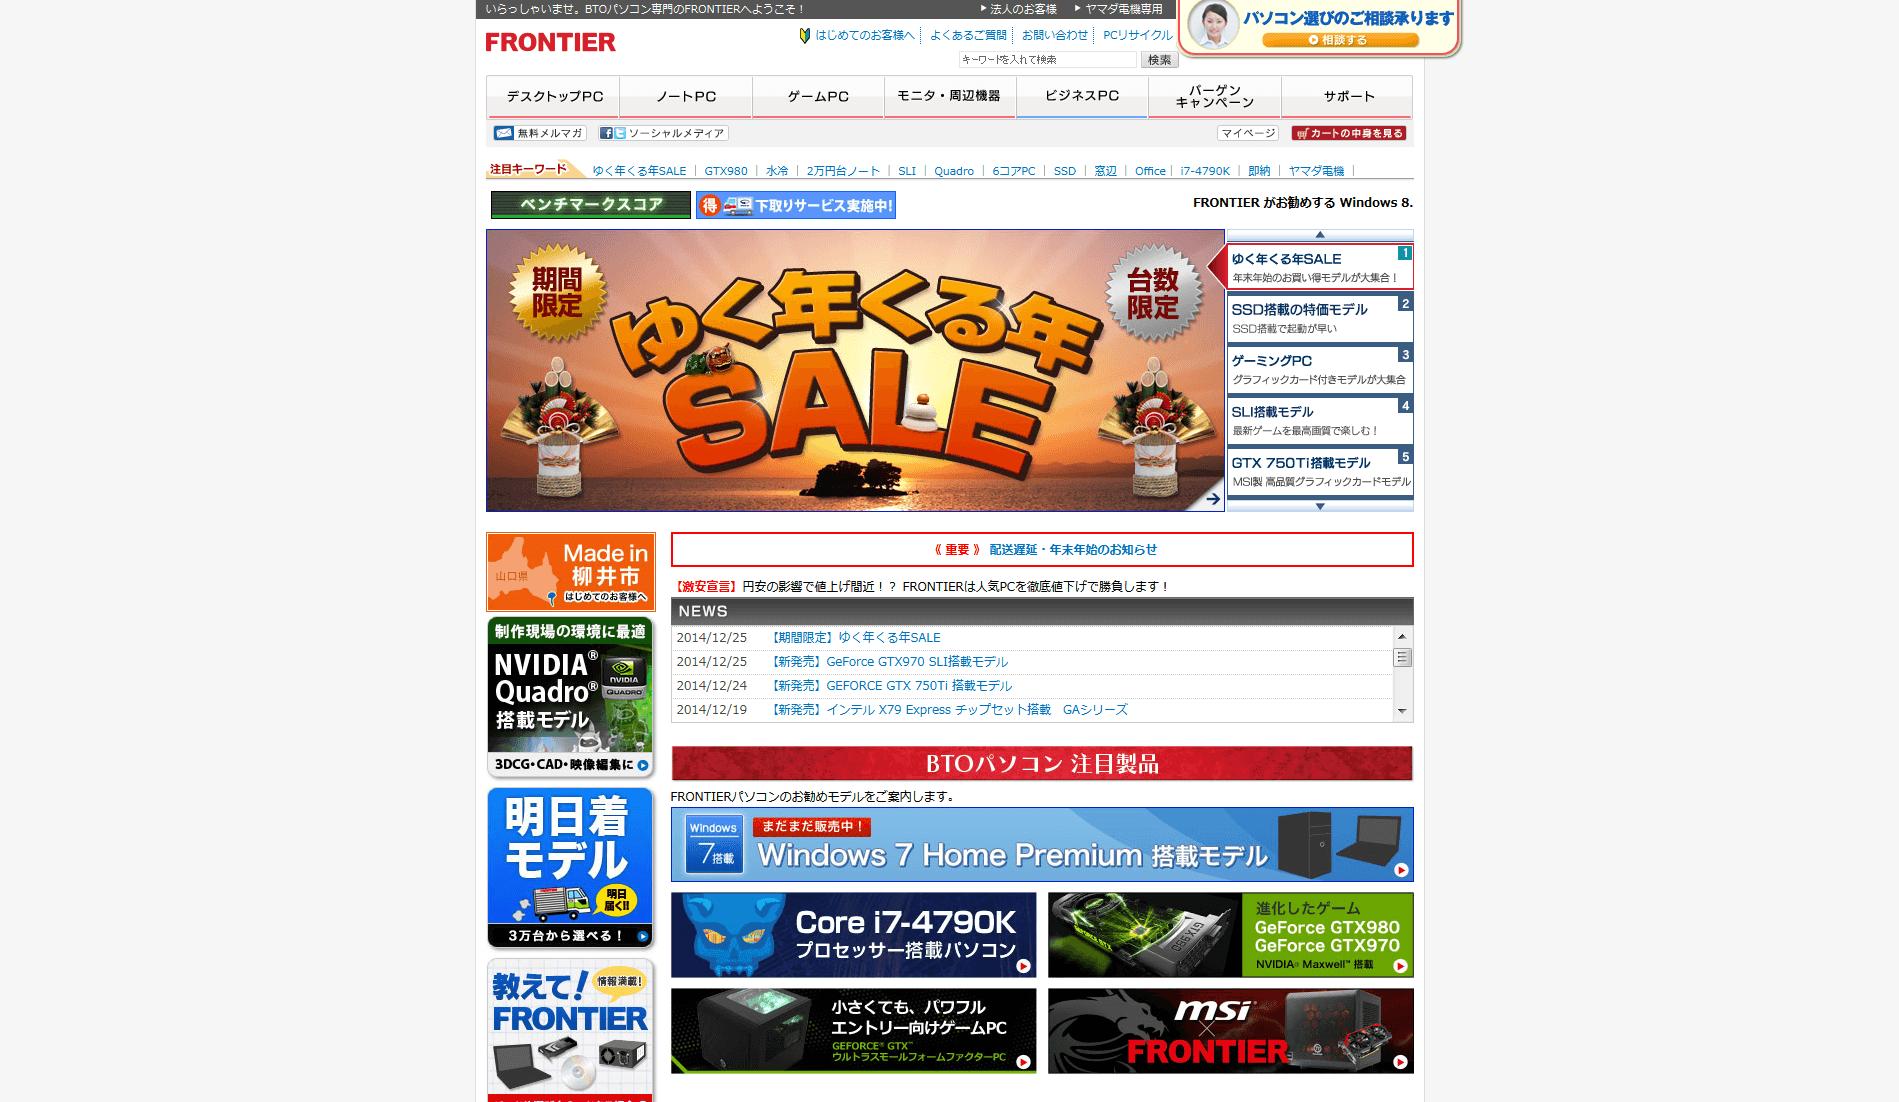 BTOパソコン オンラインストア FRONTIER ~ BTOパソコン通販・販売・購入ならお任せください ~